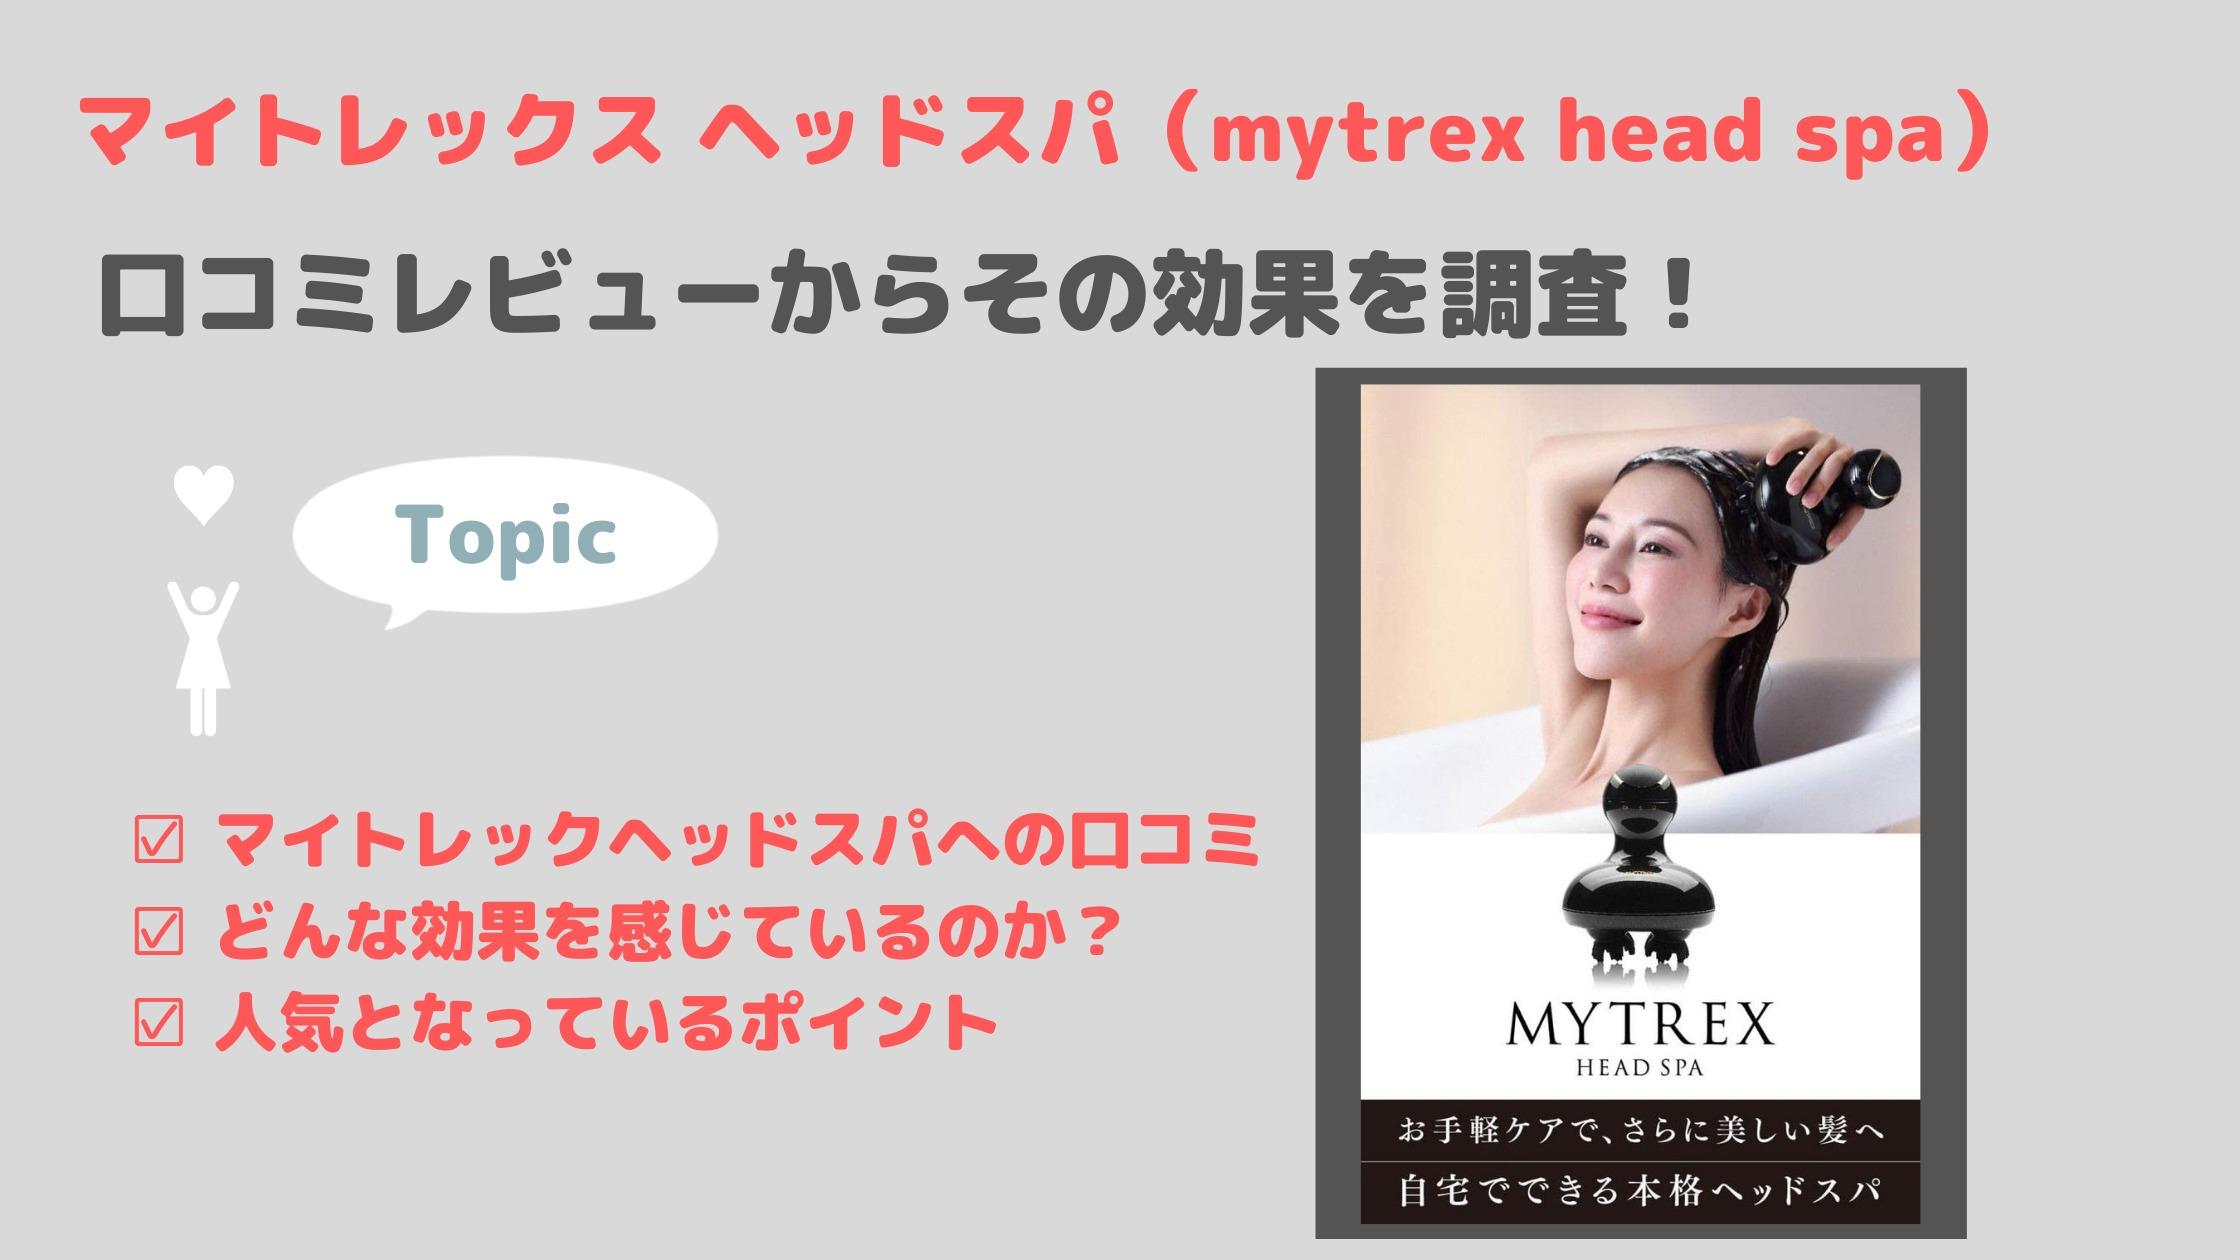 マイトレックスヘッドスパ(mytrex head spa)の 口コミ評価は?